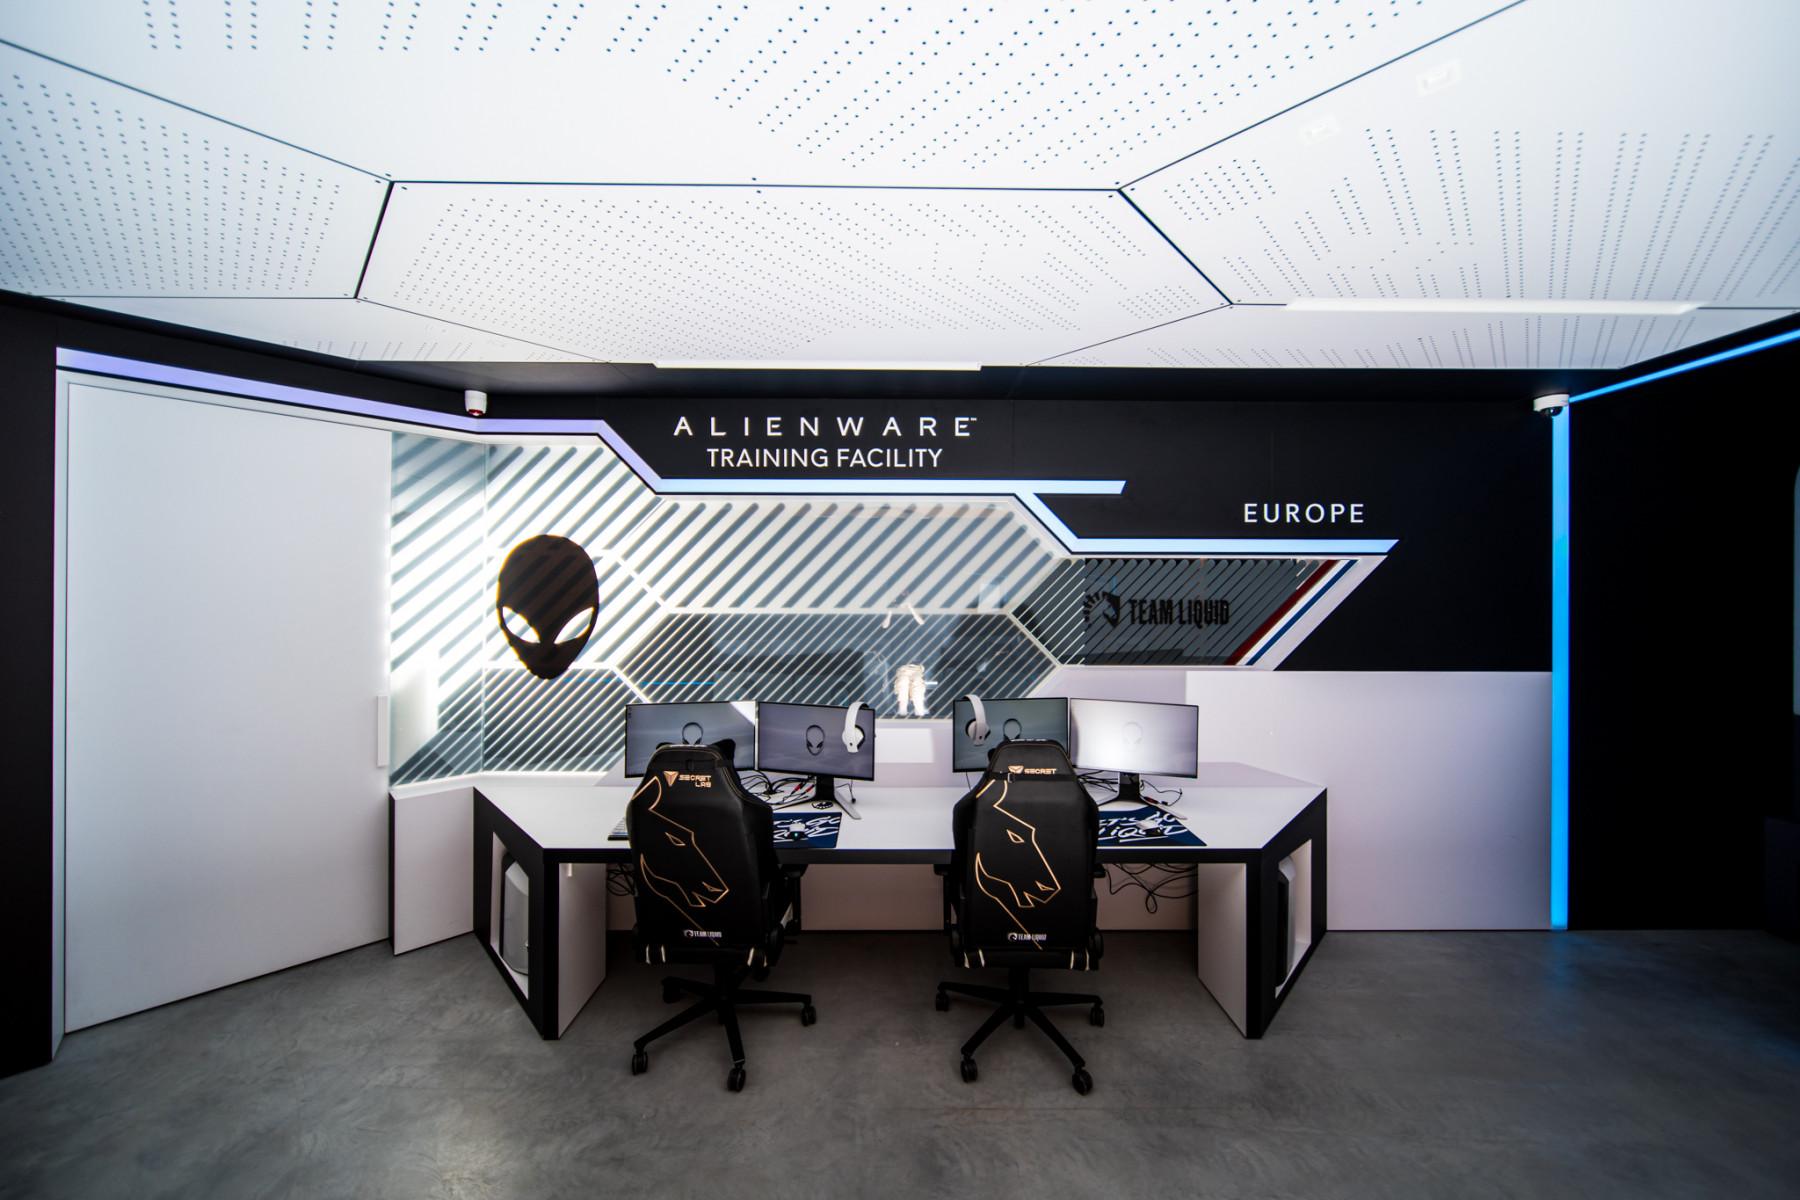 AlienWare Training Facility EU - Team Liquid Scrim Rooms